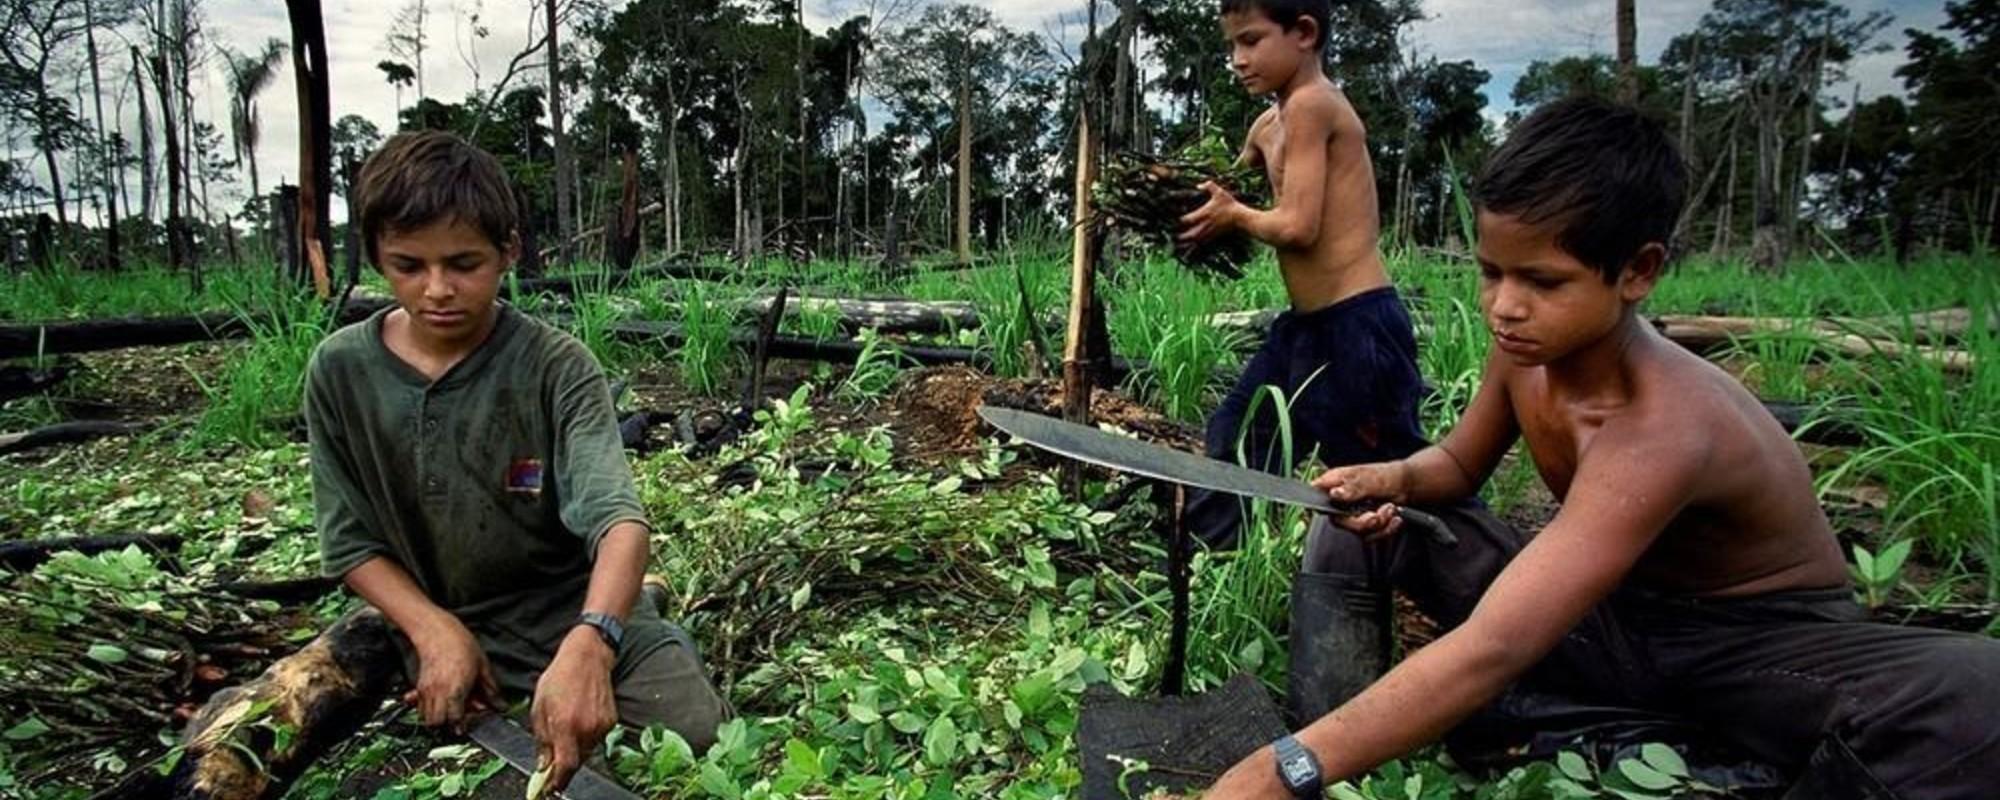 Billeder af kokainens rejse fra Colombia til din næse